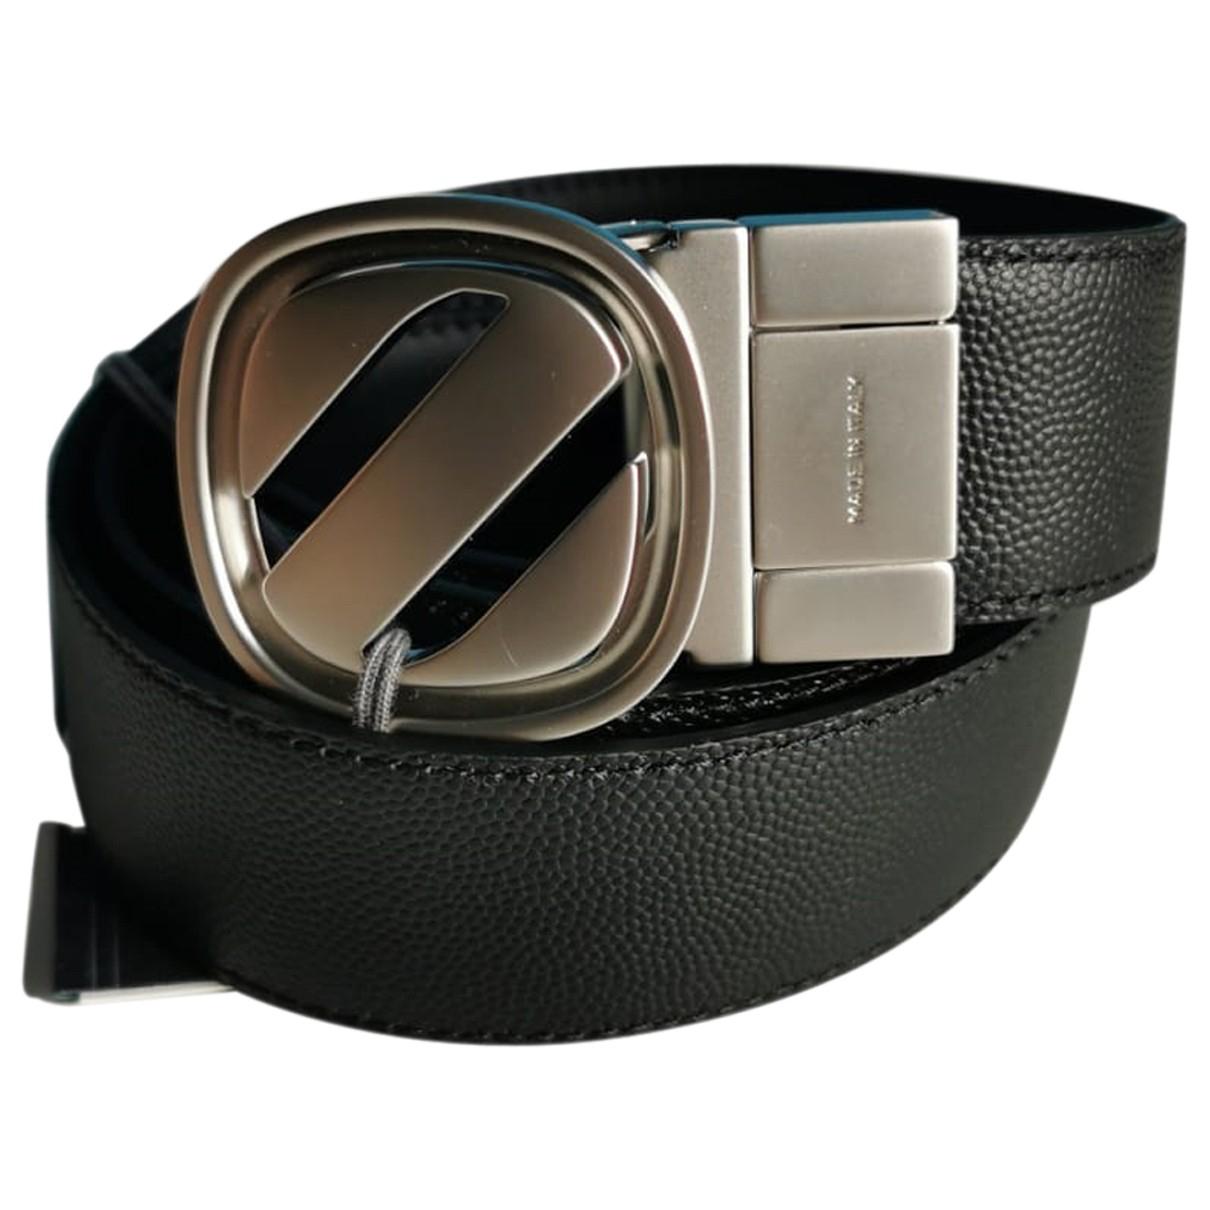 Cinturon de Cuero Ermenegildo Zegna